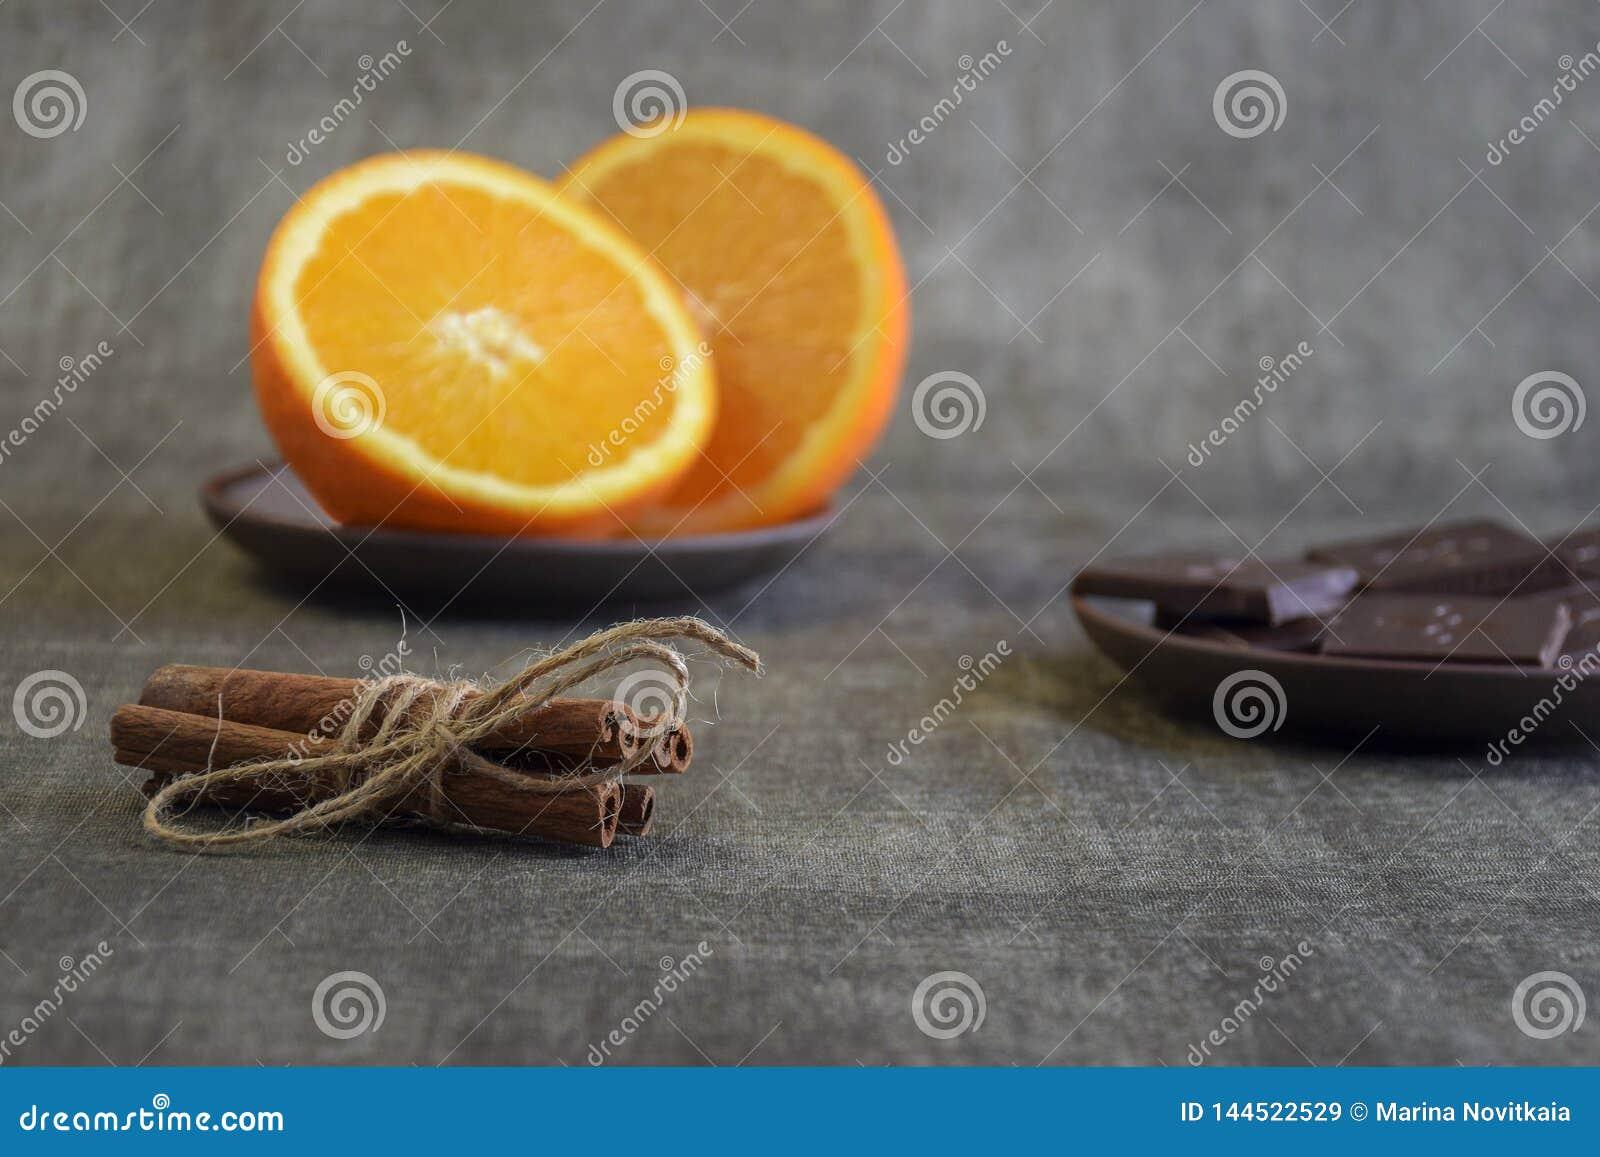 Kanelbruna pinnar, skivad apelsin och stycken av mörk choklad